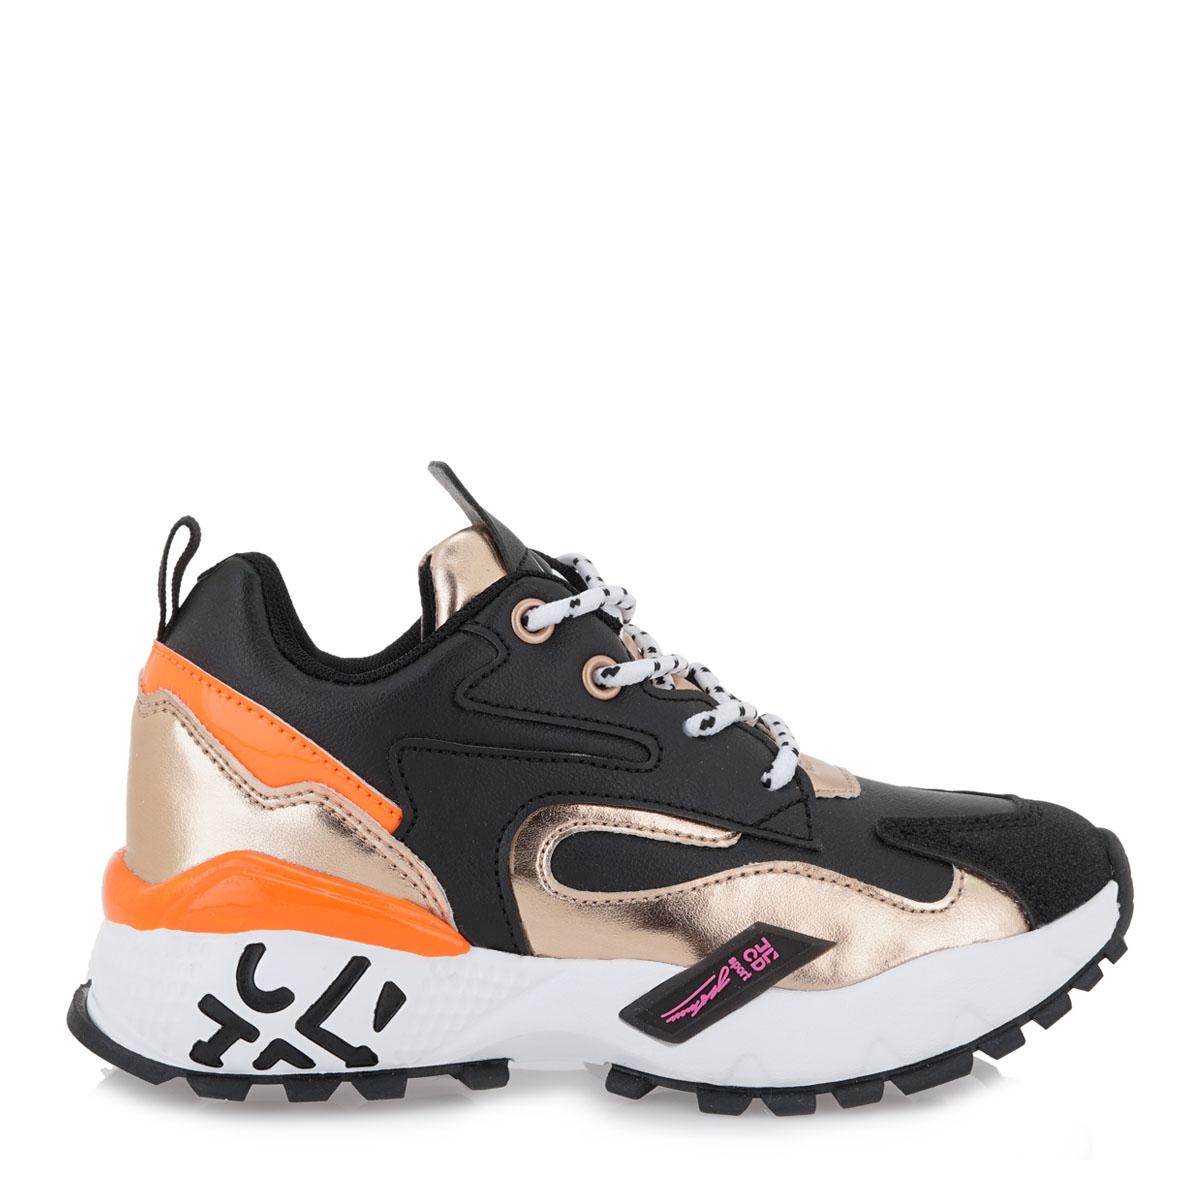 Κορίτσι Sneaker Exe Kids LΑ51Υ4542001